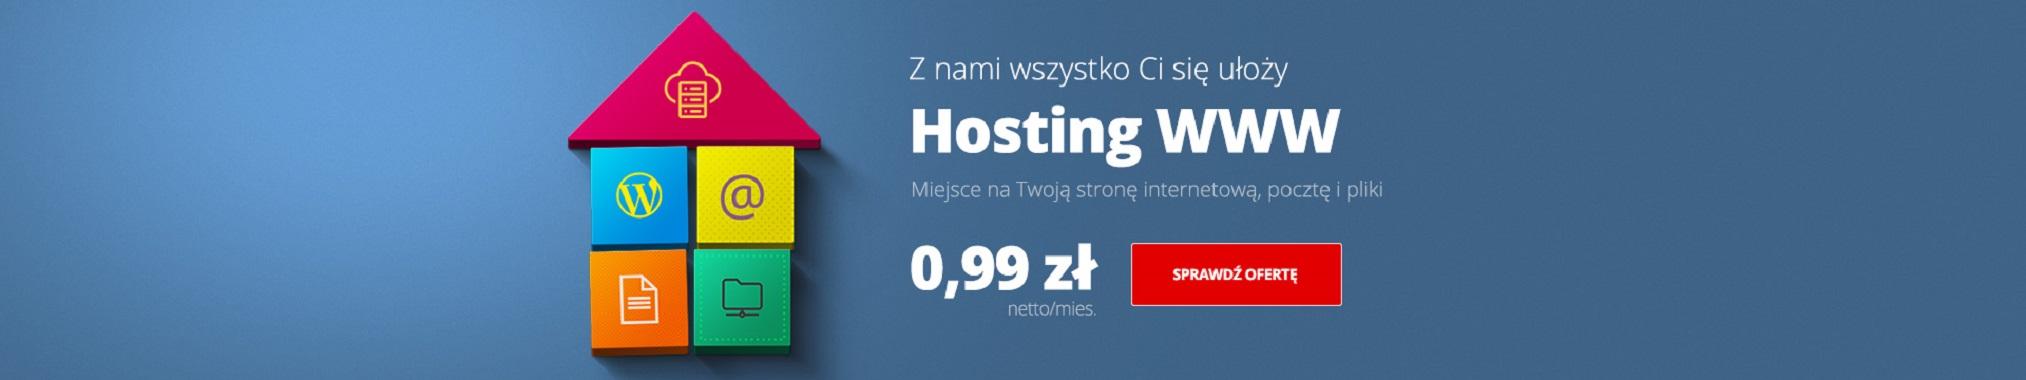 klocki_glowna_hosting-1920x360